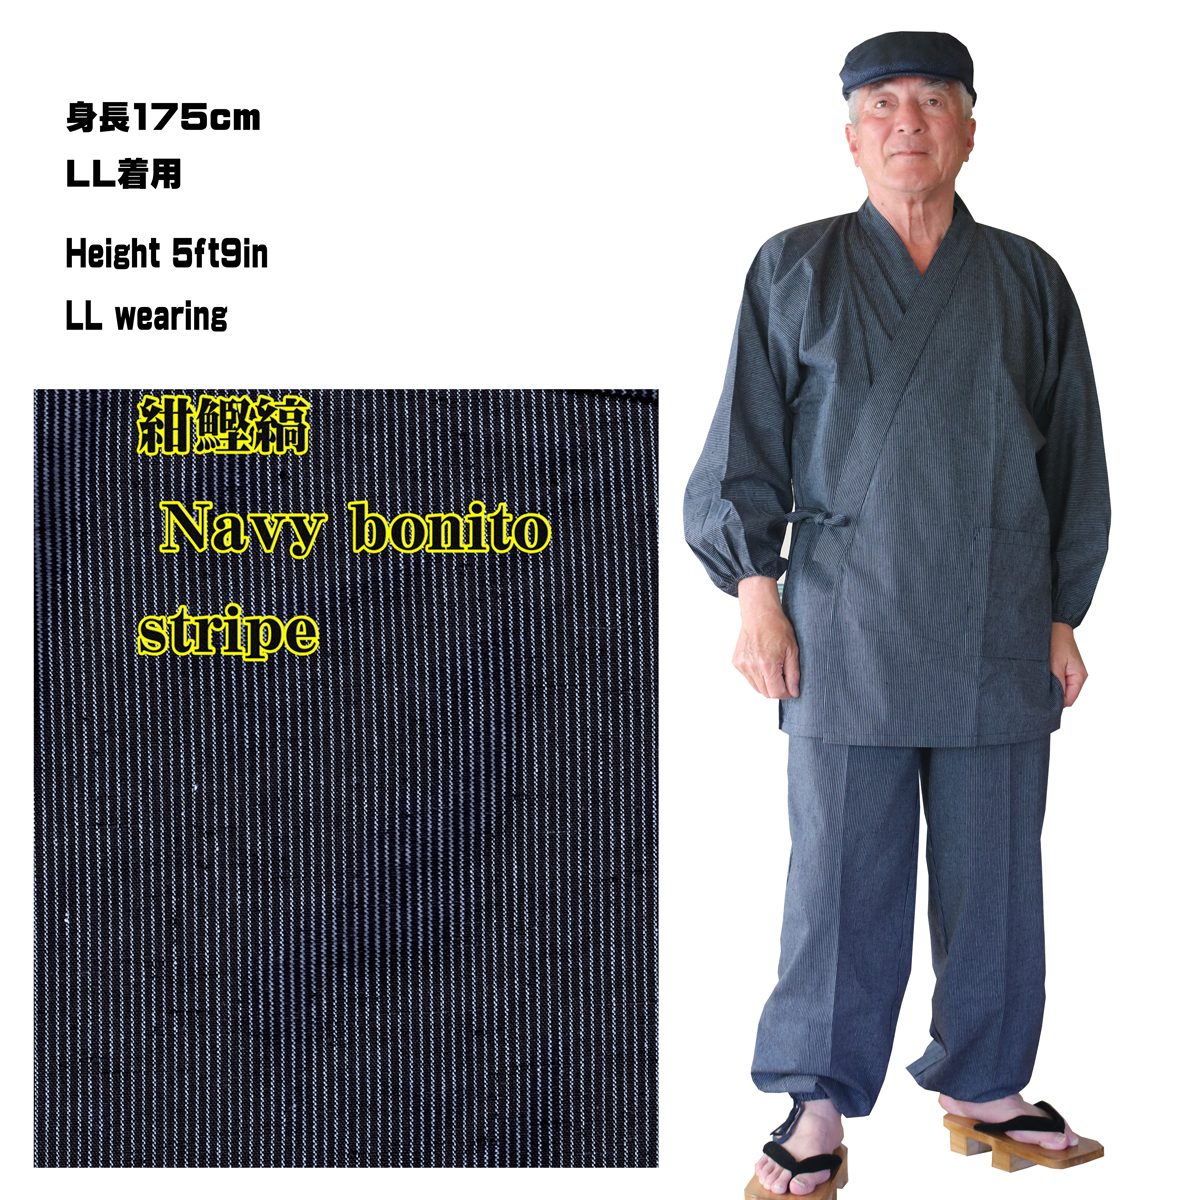 紺鰹縞の作務衣です